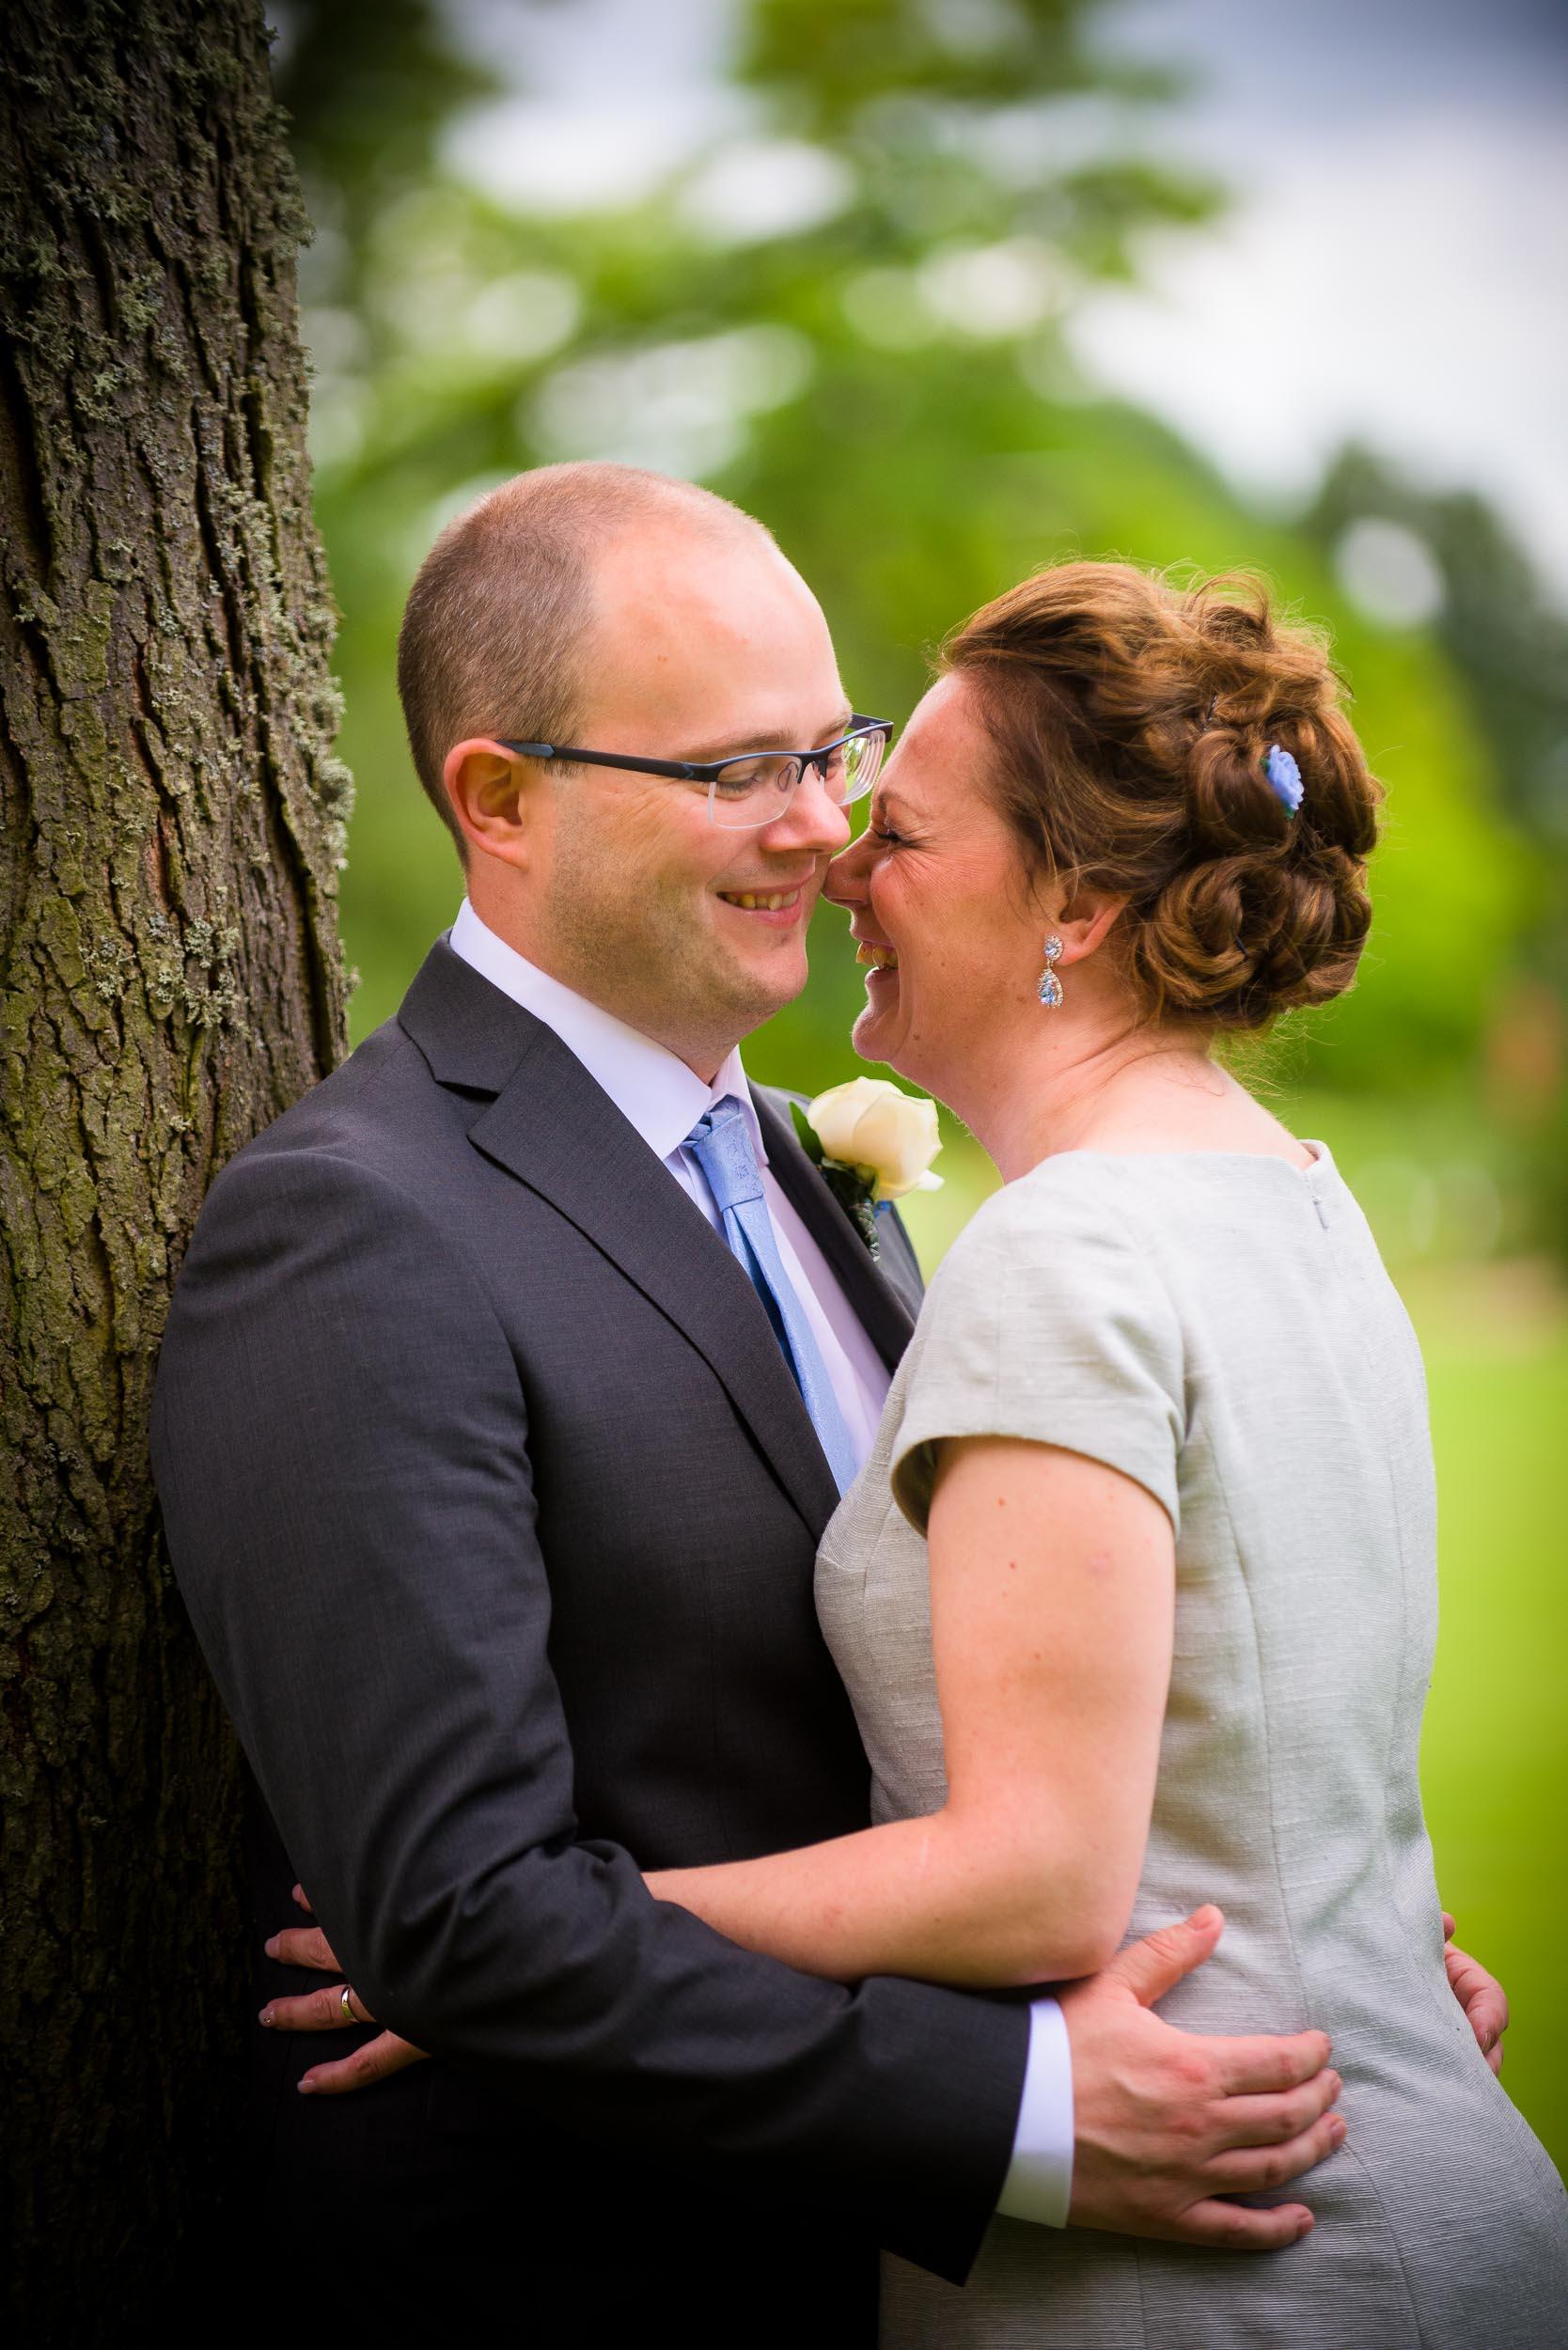 bröllopsfoto-bäckaskog-aug17-6.jpg